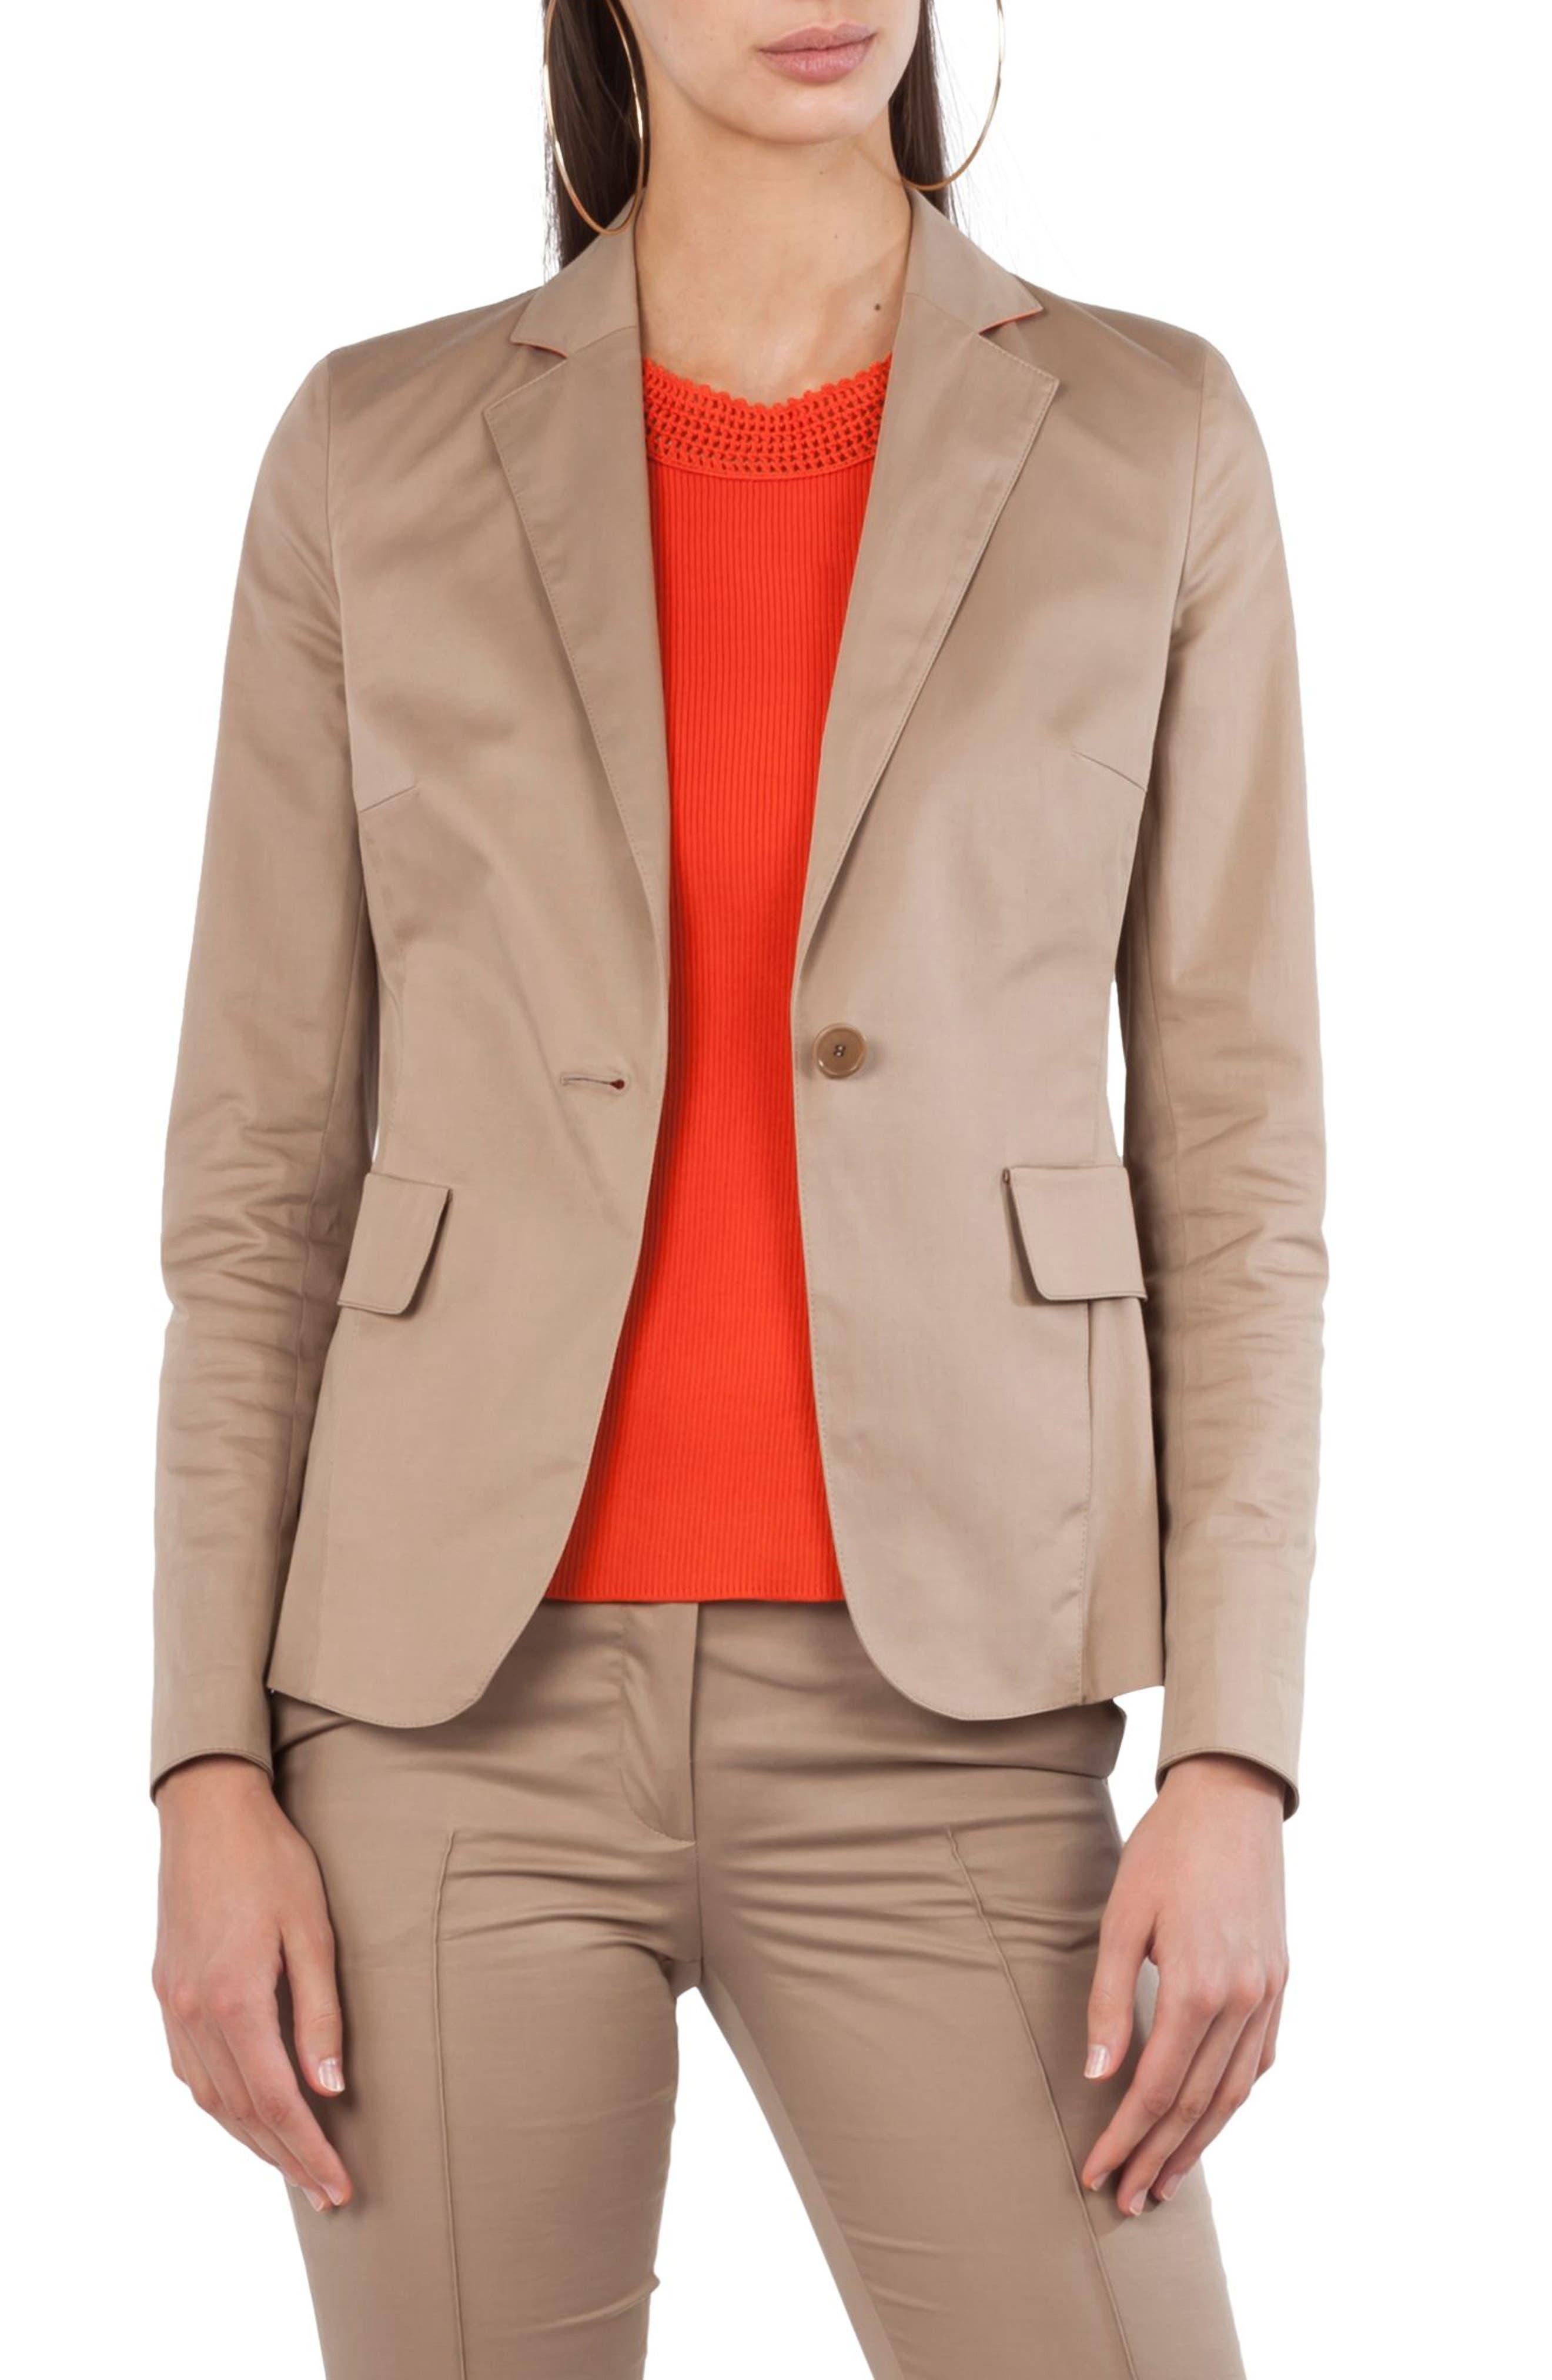 Alternate Image 1 Selected - Akris punto One Button Stretch Cotton Blazer